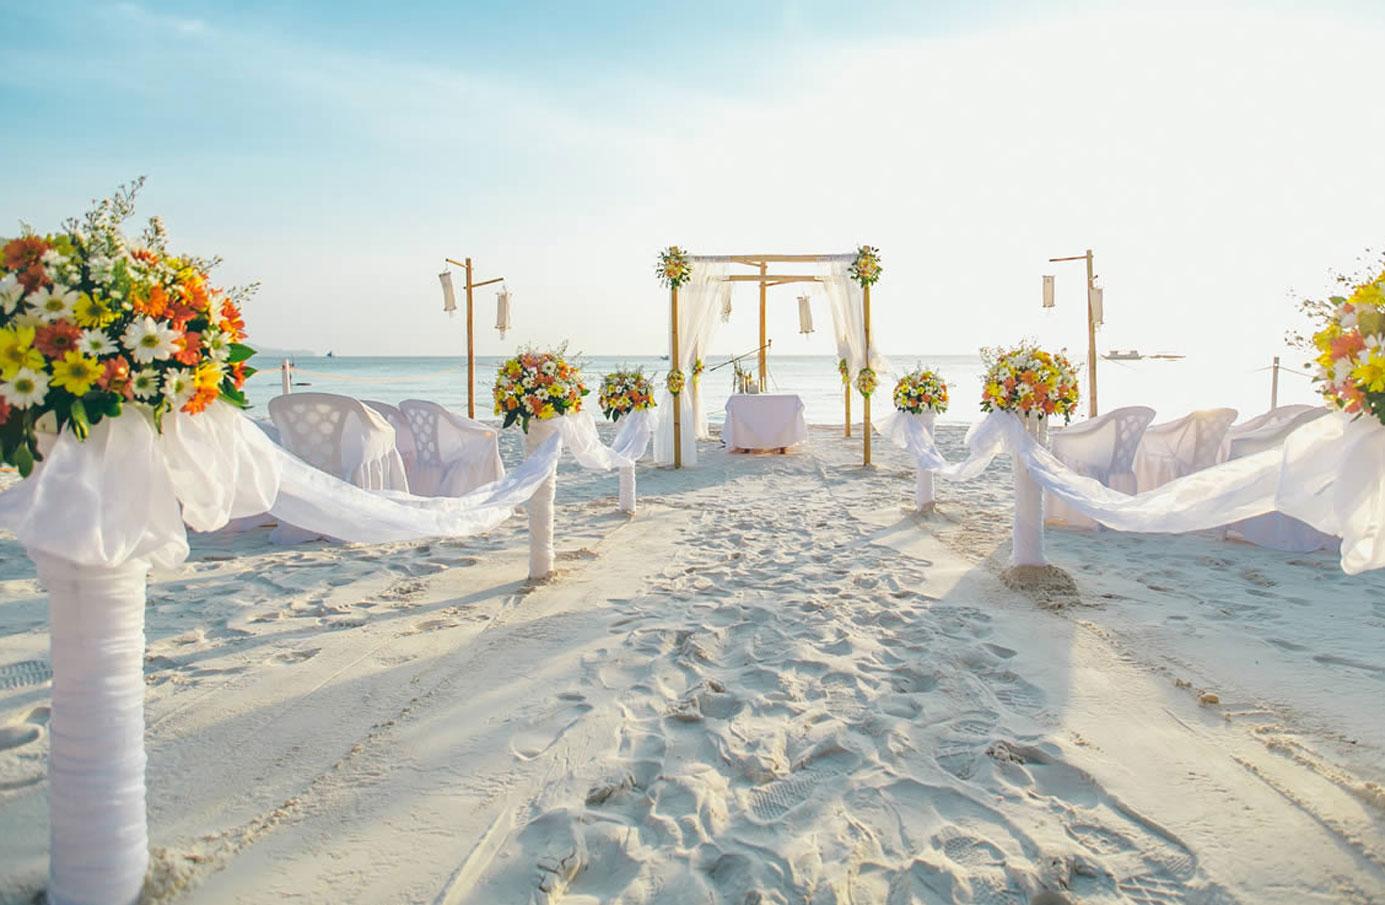 ボラカイ島結婚式 フライデーズボラカイ ボラカイウエディング